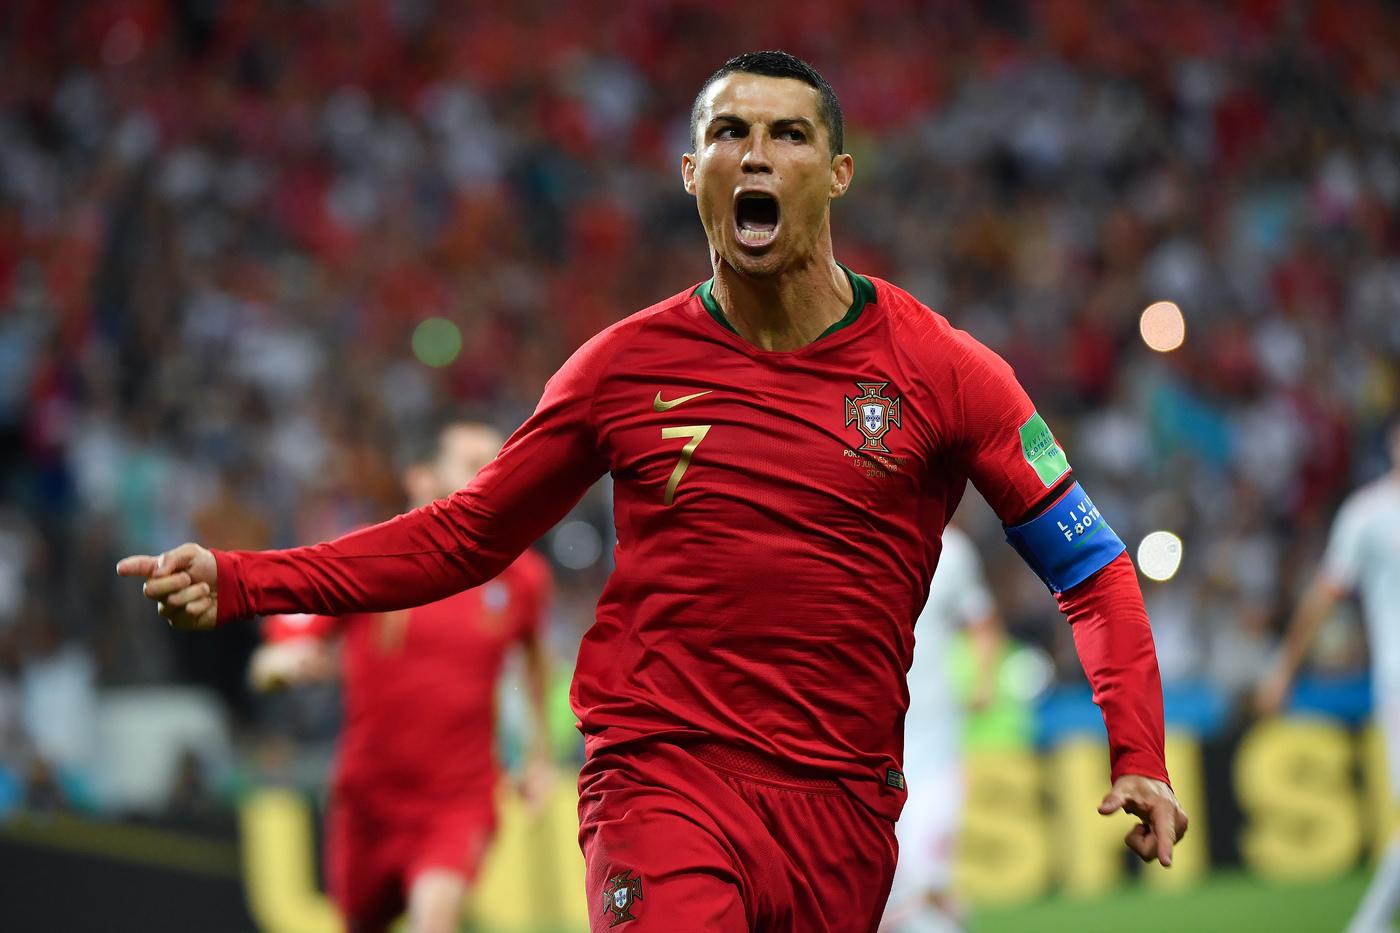 Ronaldo-Juventus: il Real non si oppone alla cessione